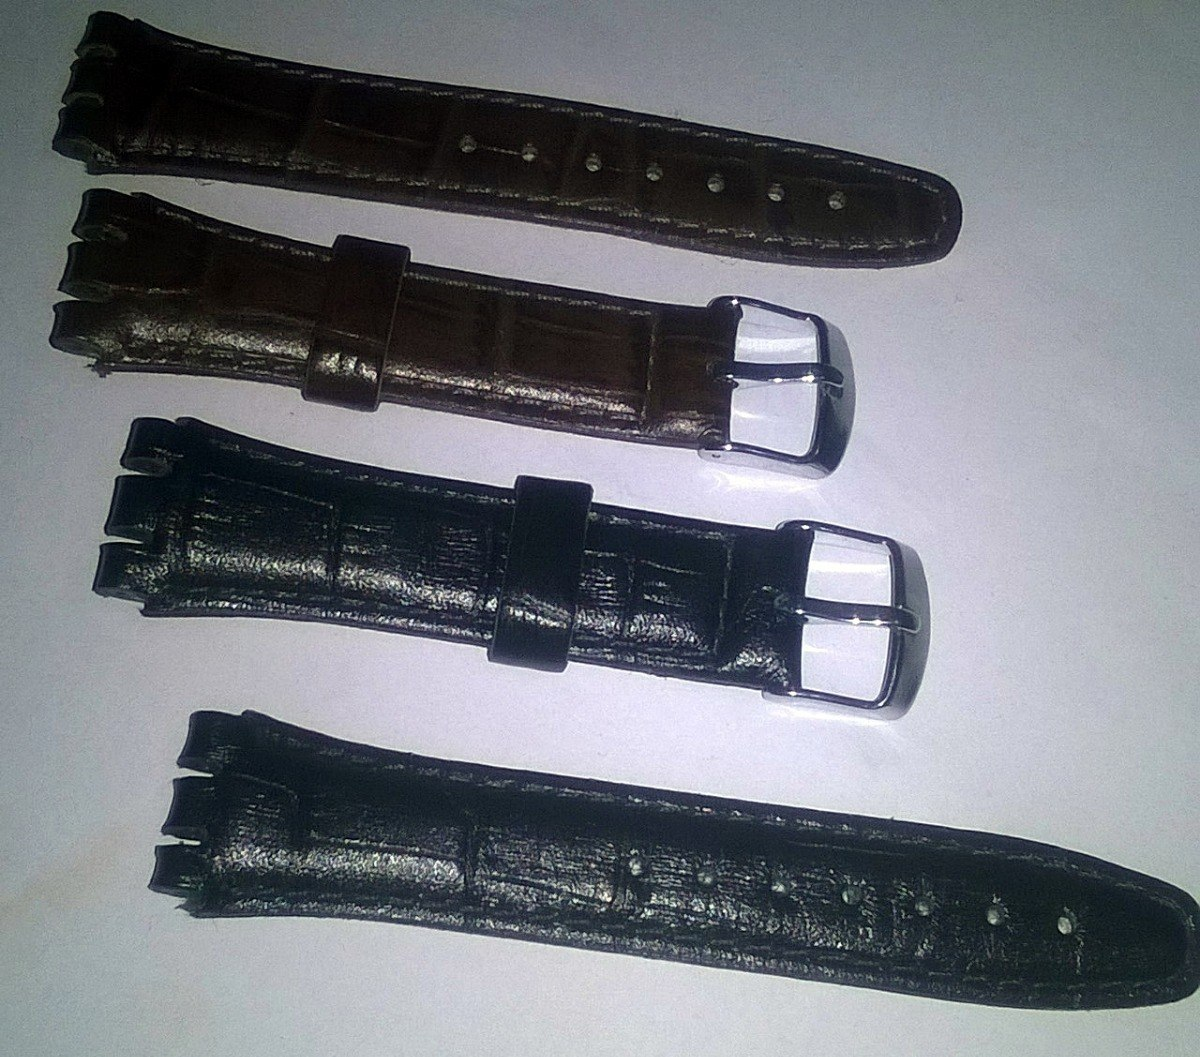 b2fb7e4df01 Pulseira Swatch Couro Preta E Marrom Mod. Groco 17mm - R  55